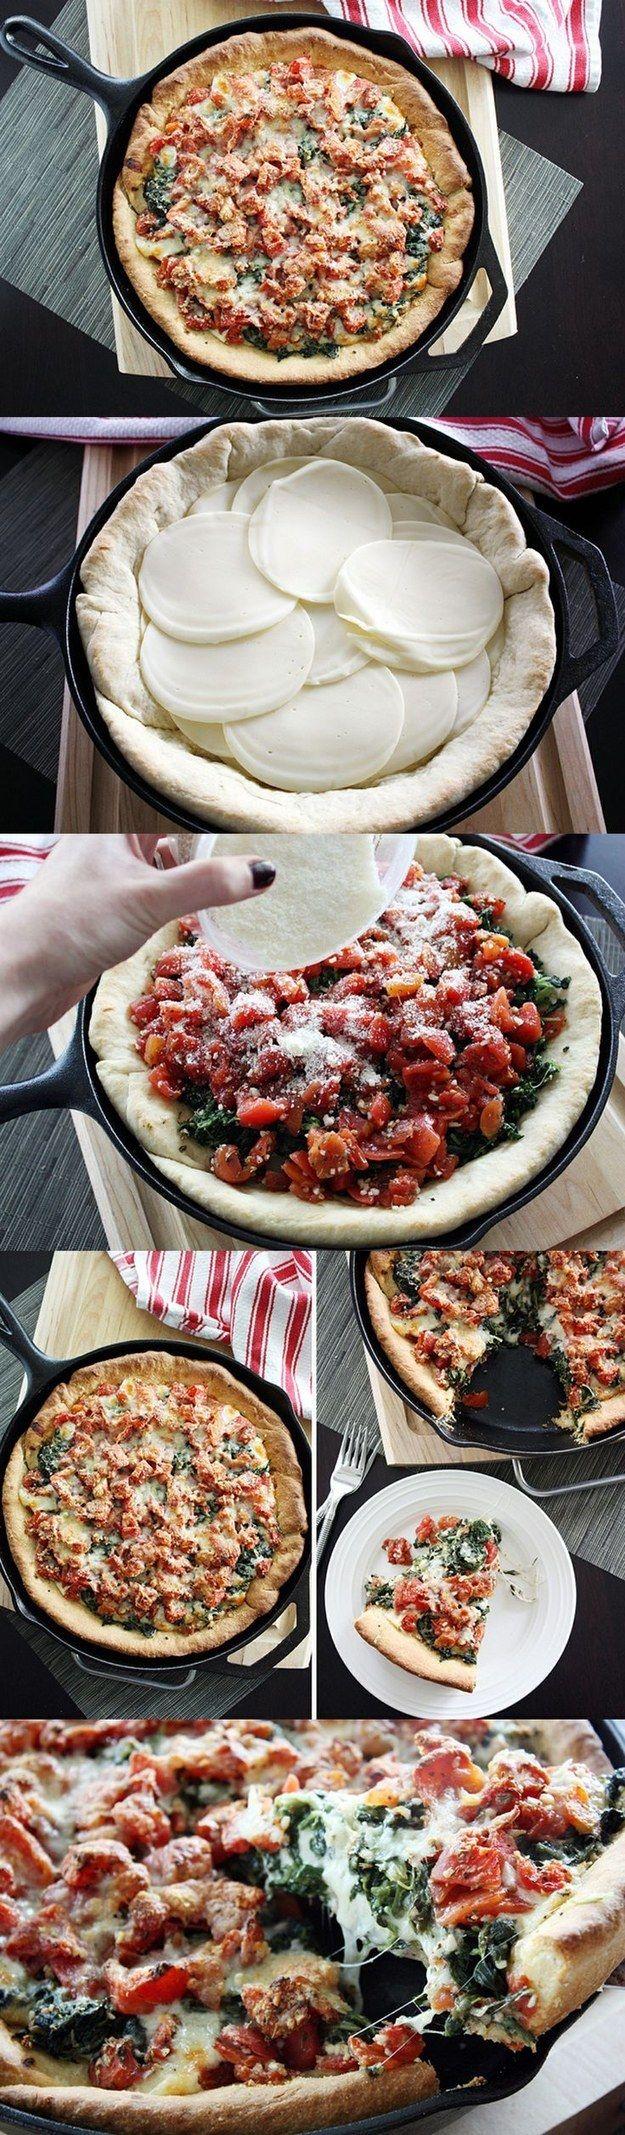 Pizza-Pie mit Spinat und Tomaten | 21 leckere Pizza-Rezepte für einen gemütlichen Pizza-Abend